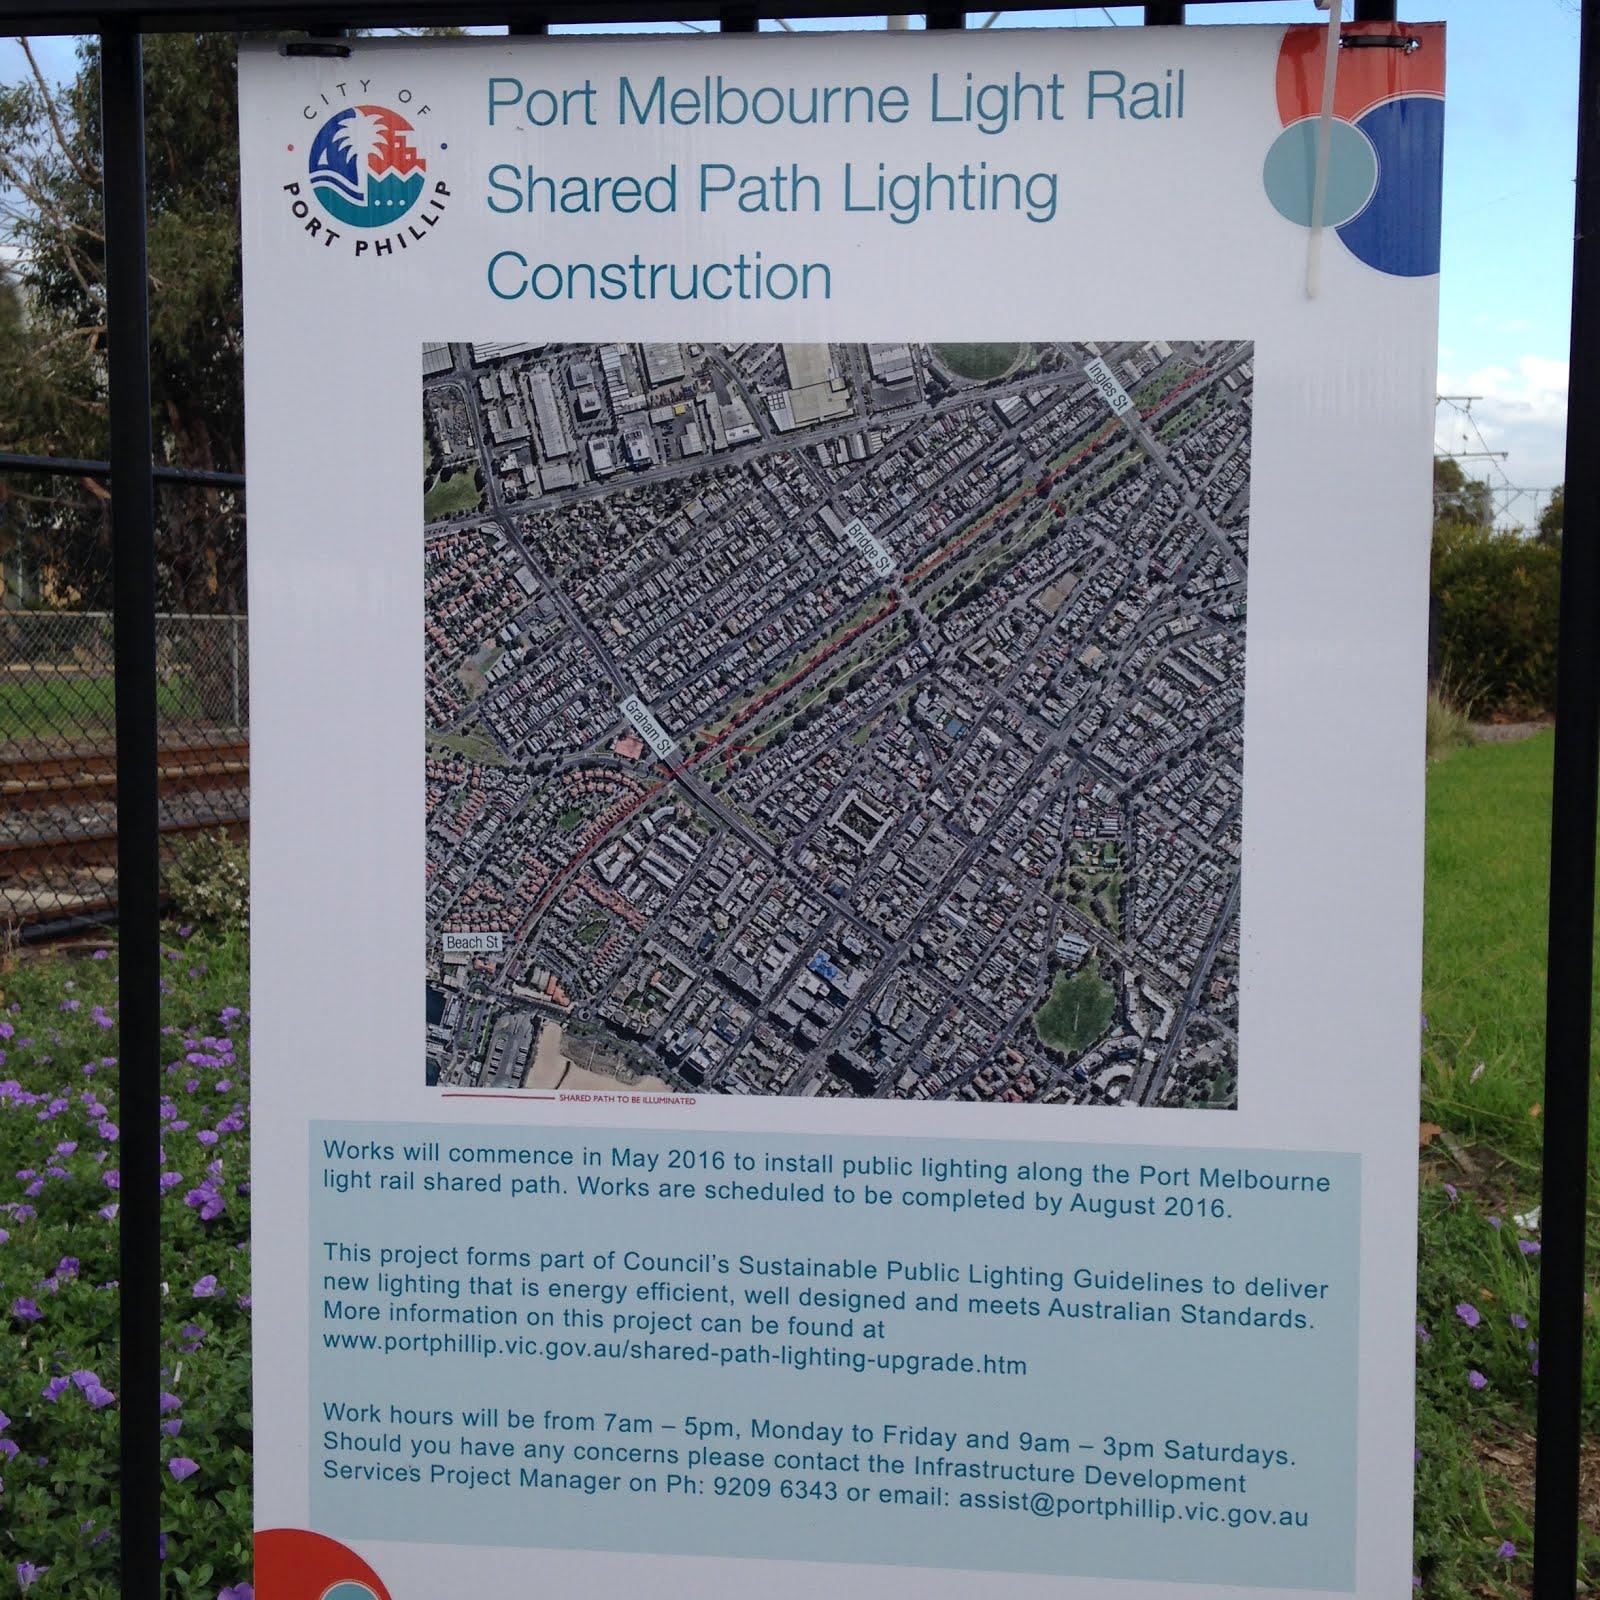 Cove Light Rail: Beacon Cove Neighbourhood Association: Light Rail Shared